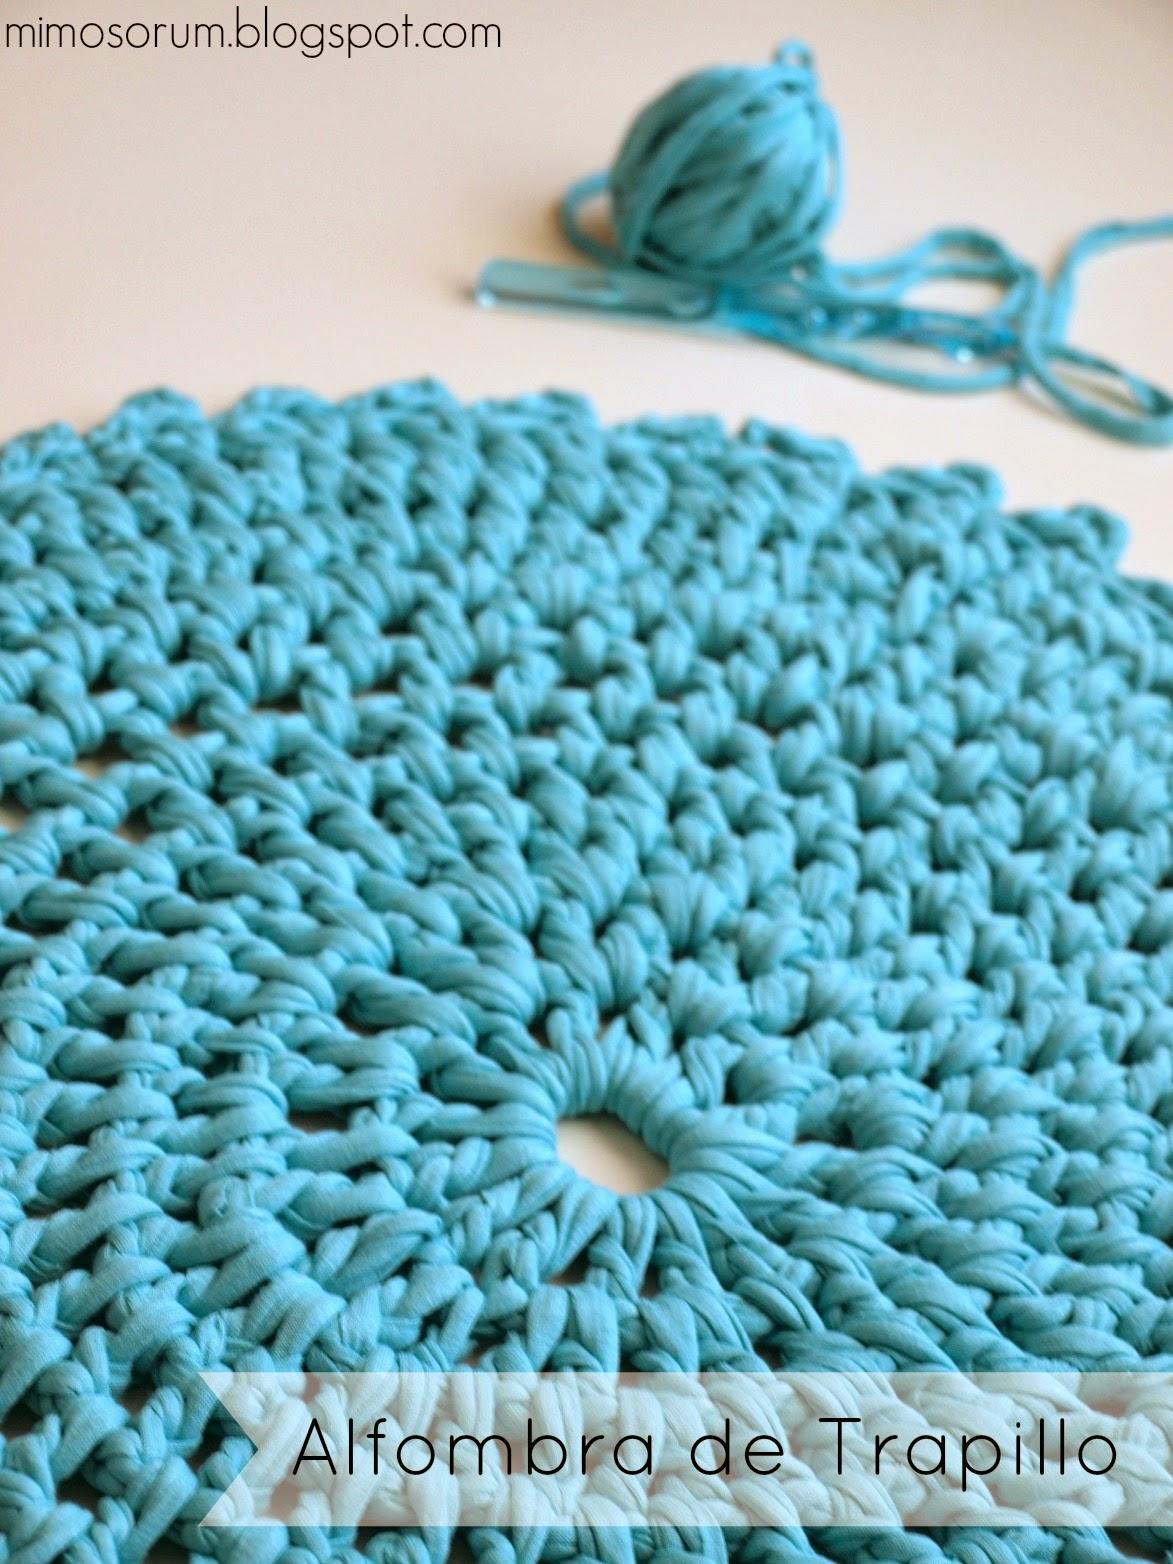 Mimosorum diy alfombra de trapillo diy handmade carpet - Tutorial alfombra trapillo ...